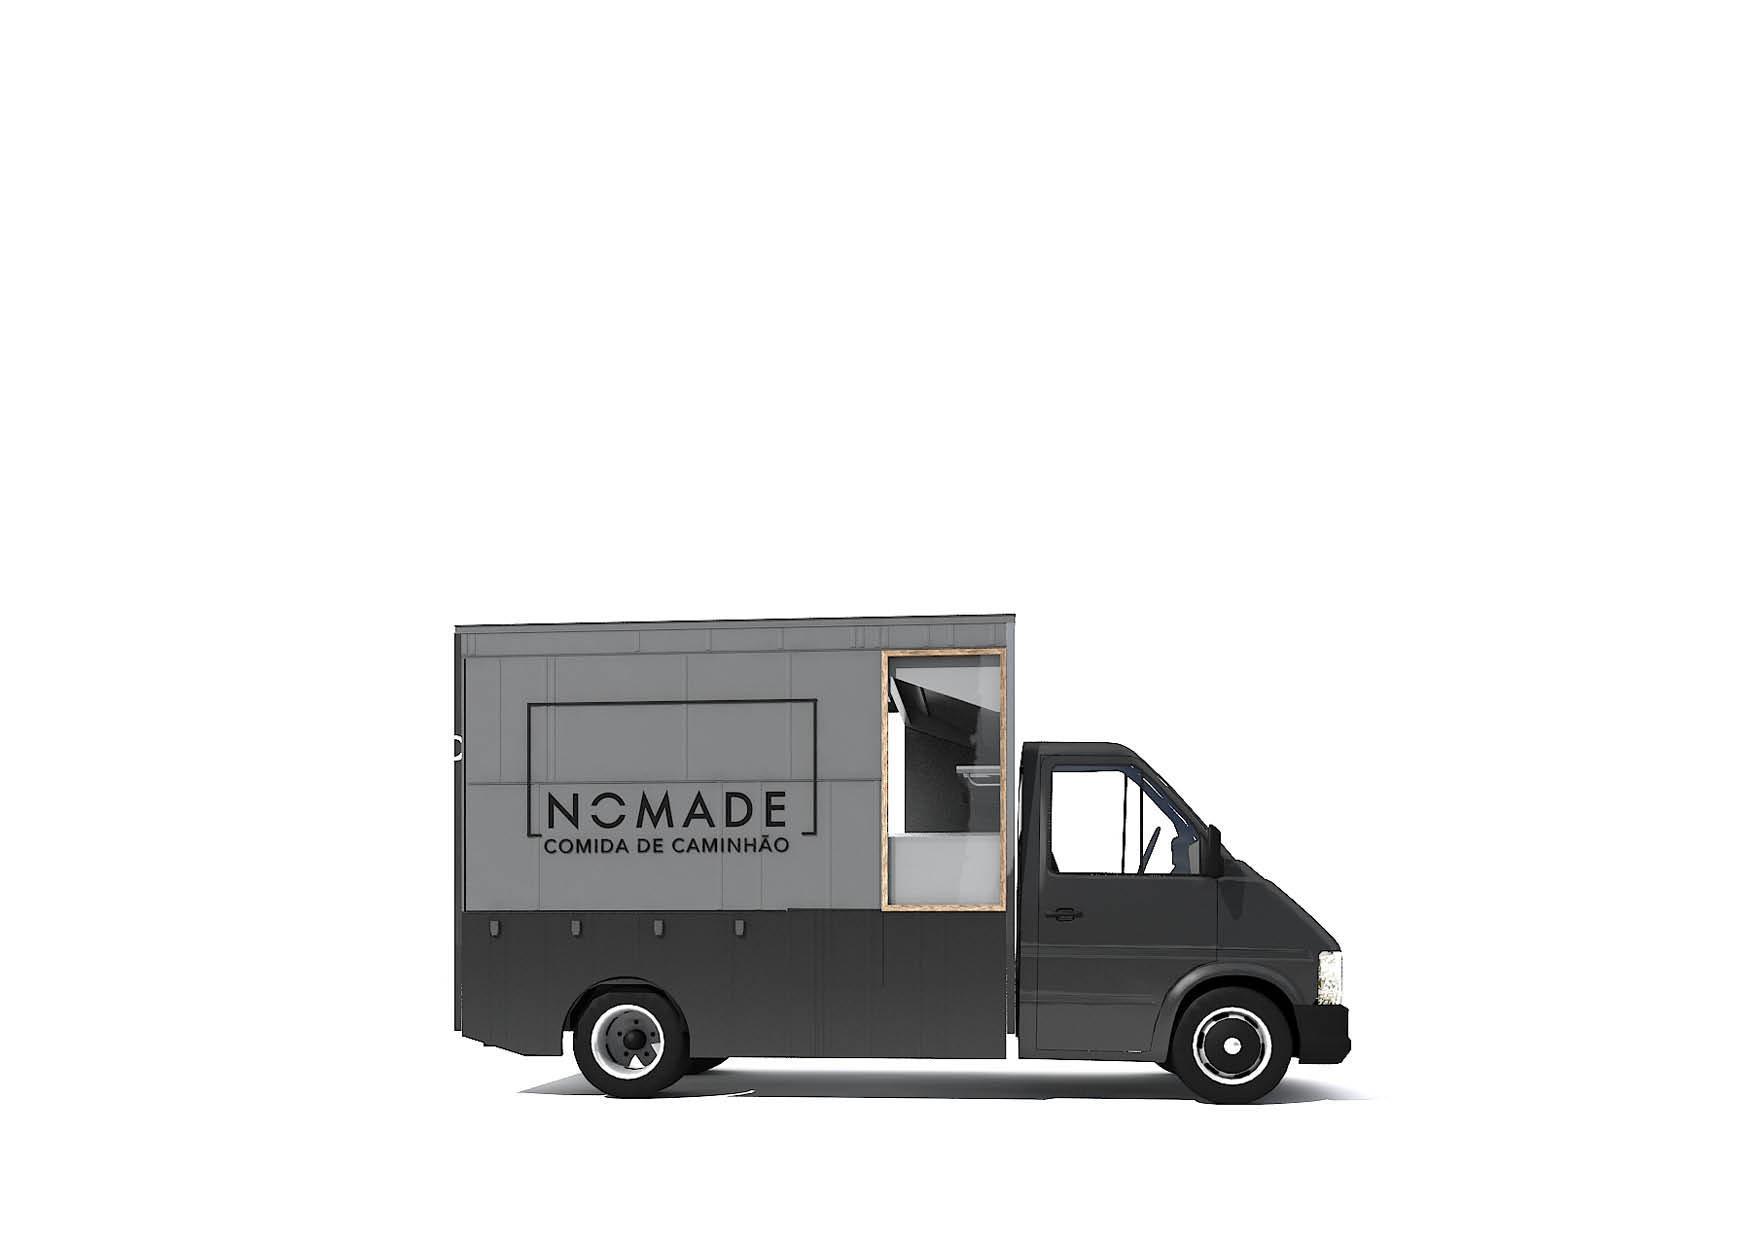 nomade_025.jpg